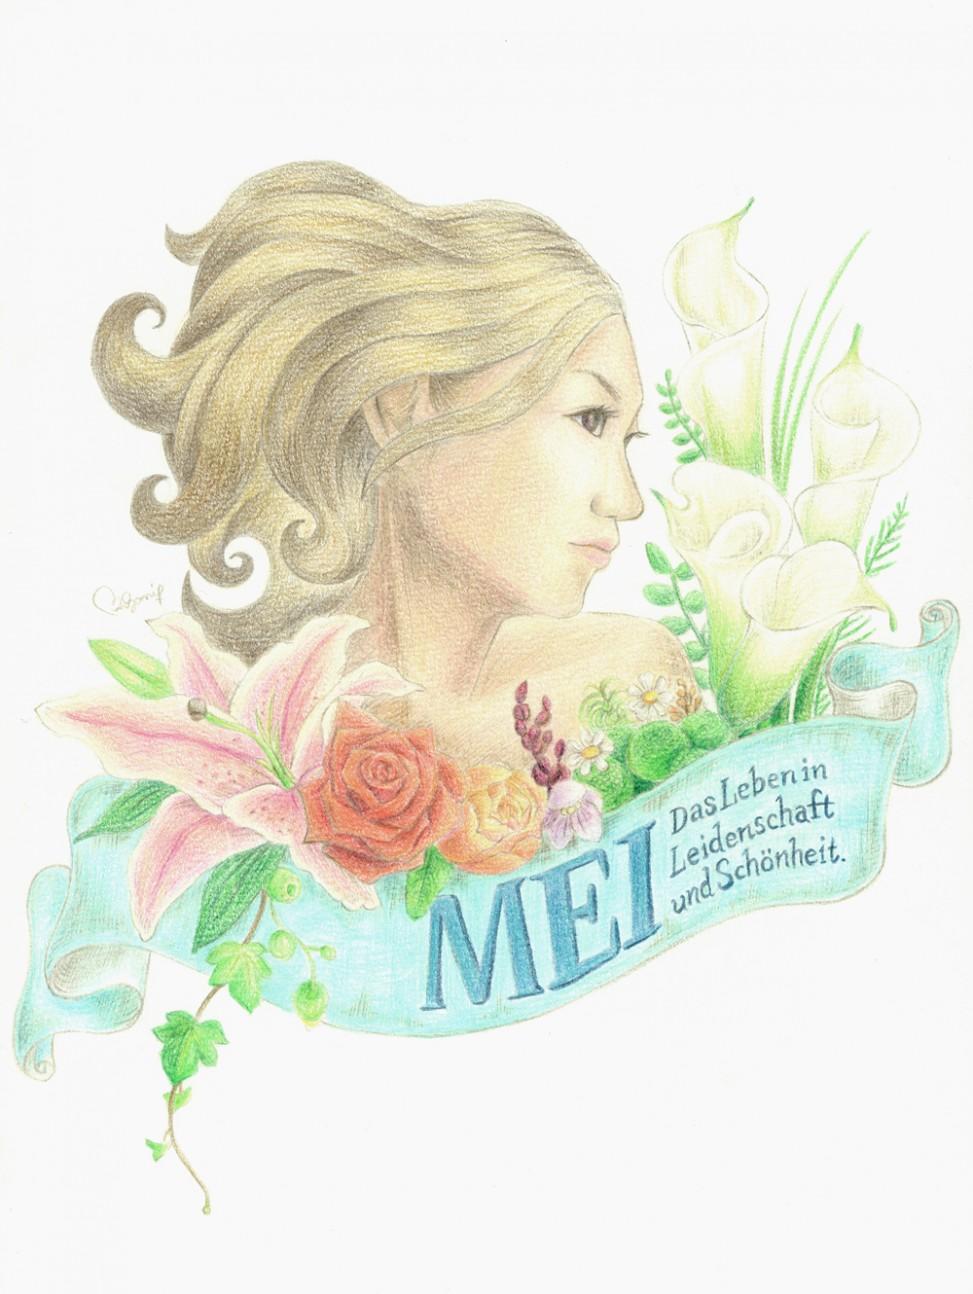 mei_portrait_illustration_nozomiam